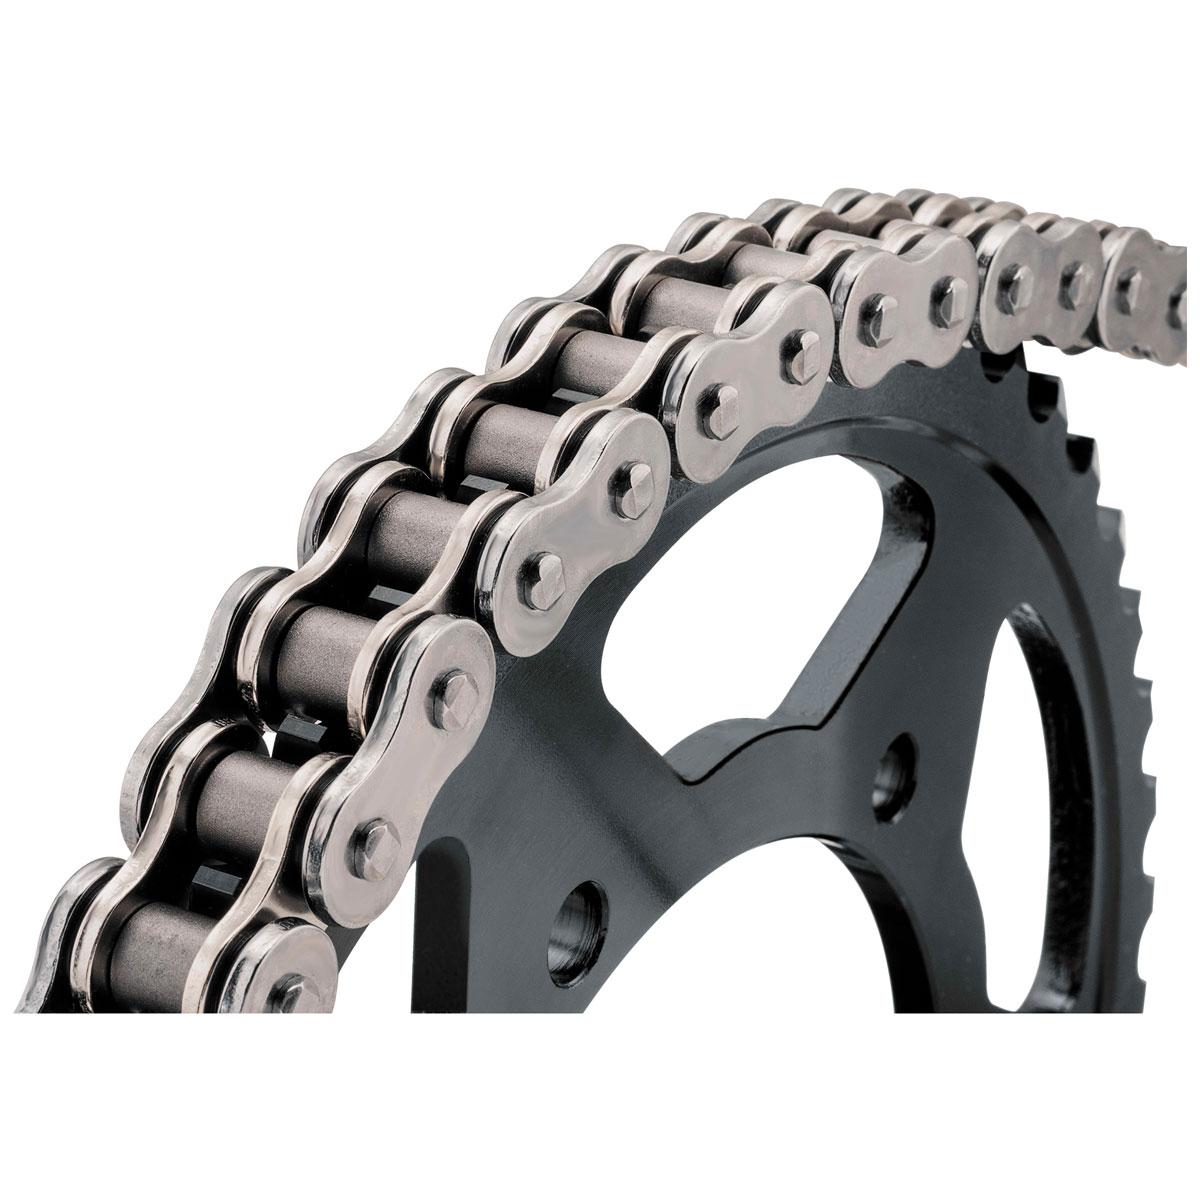 BikeMaster 530 Precision Roller Chain